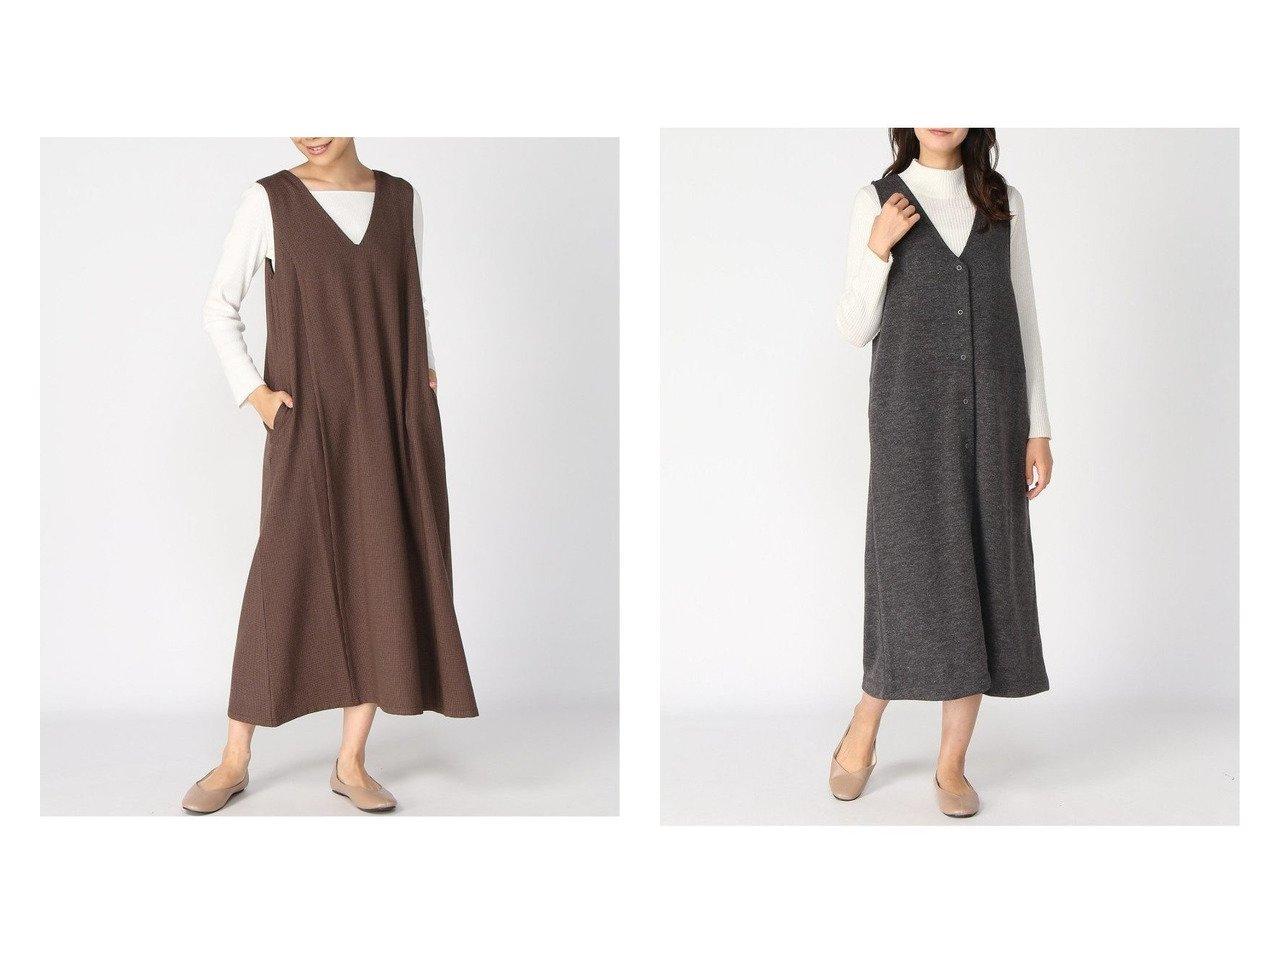 【studio CLIP/スタディオ クリップ】のWフェイスVネックジャンスカ&【GLOBAL WORK/グローバルワーク】のウールライクジャンスカ+D スカートのおすすめ!人気、レディースファッションの通販 おすすめで人気のファッション通販商品 インテリア・家具・キッズファッション・メンズファッション・レディースファッション・服の通販 founy(ファニー) https://founy.com/ ファッション Fashion レディース WOMEN スカート Skirt クラシック ジャケット ストレッチ トレンド ロング 切替 シンプル ジャンスカ フェイス 人気 |ID:crp329100000002714